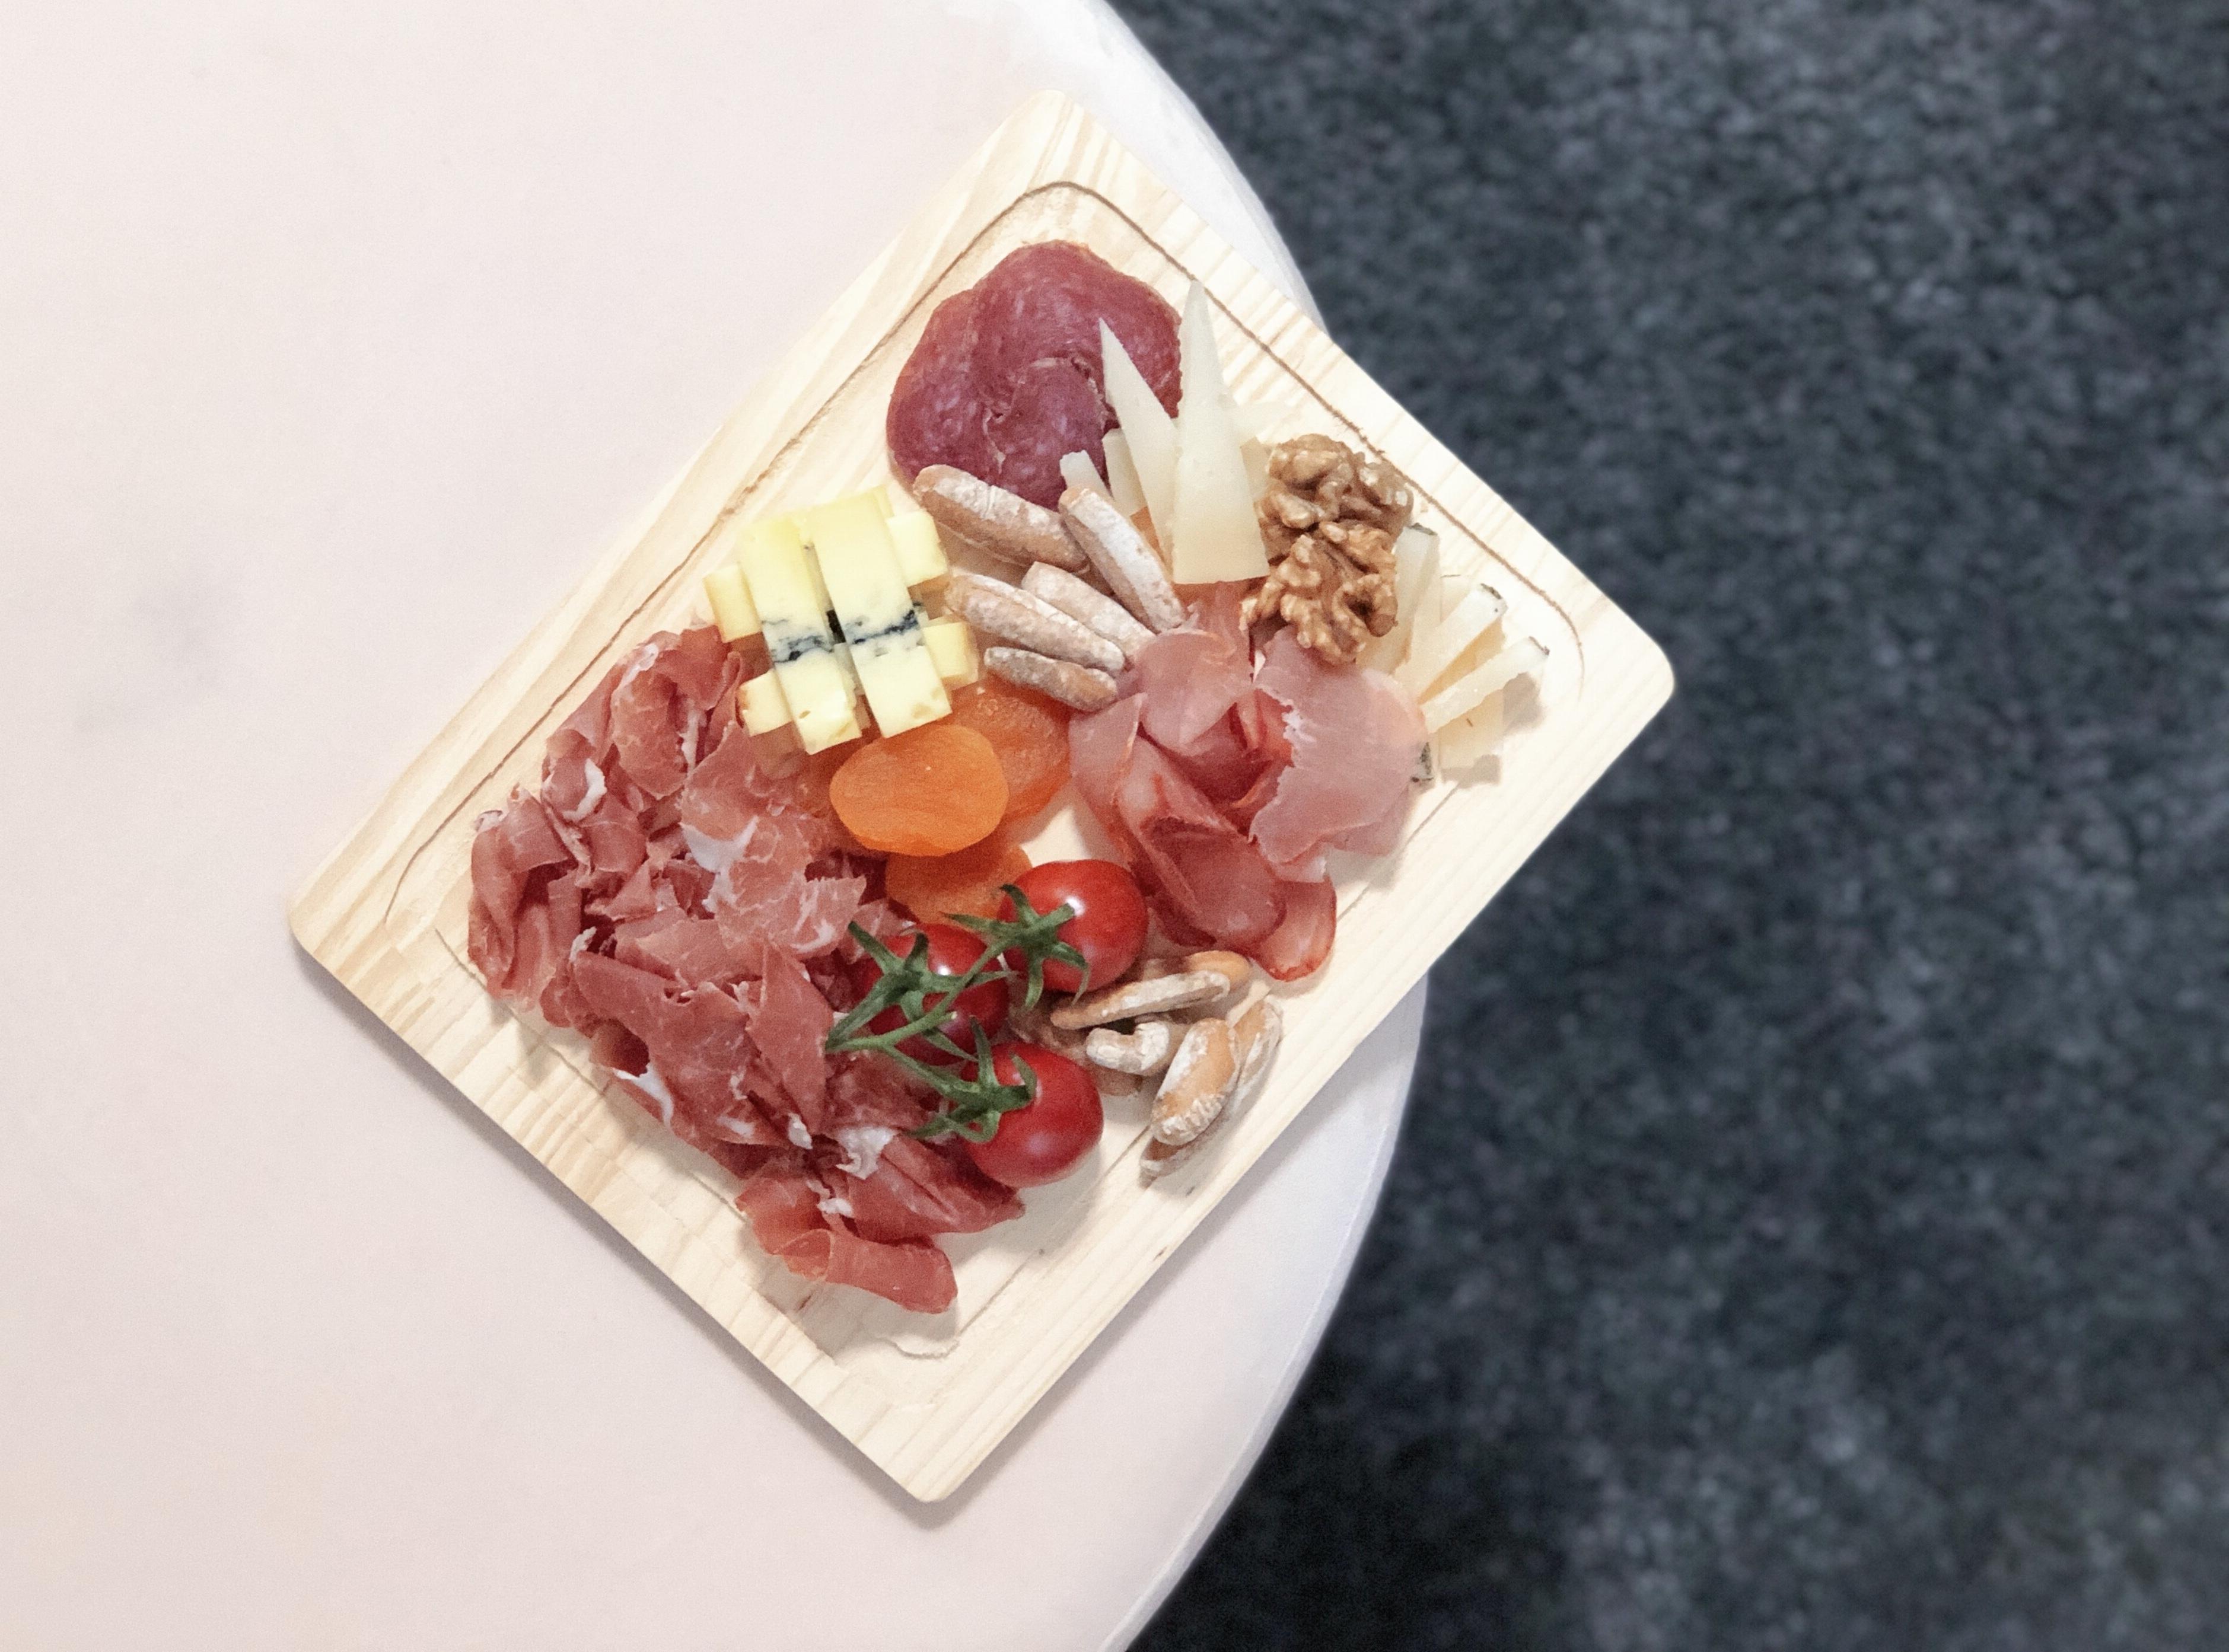 Desayuno a domicilio en Zaragoza · Cuarenta Semanas